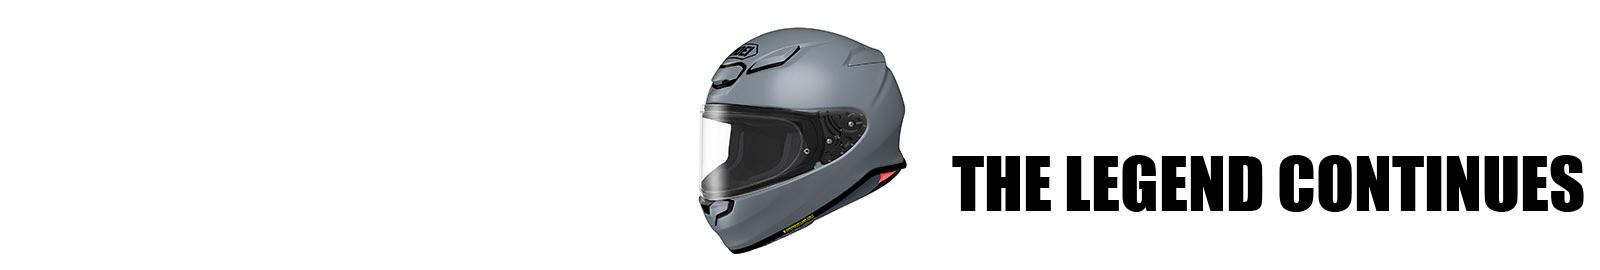 Shoei RF-1400 Helmets